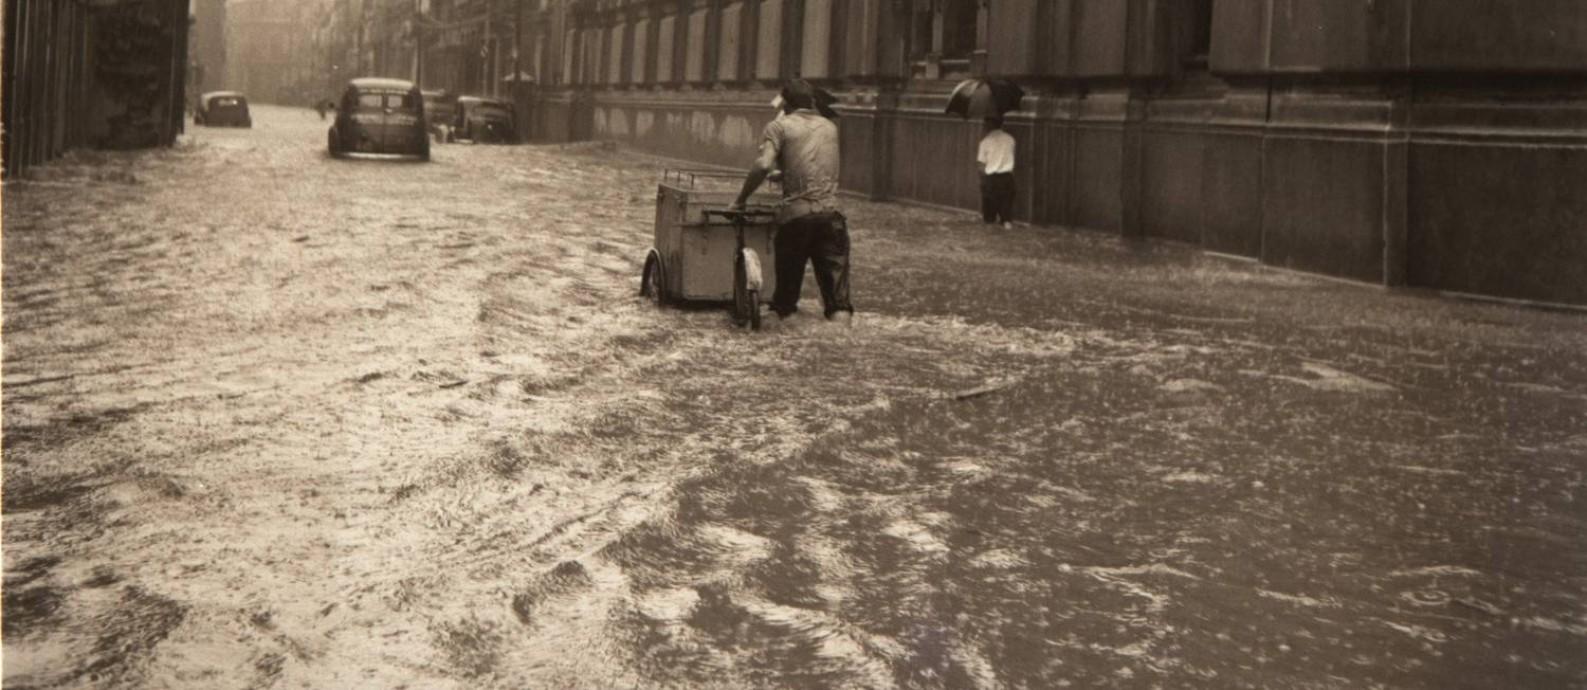 Enchente no Rio de Janeiro, janeiro de 1959 Foto: Arquiivo